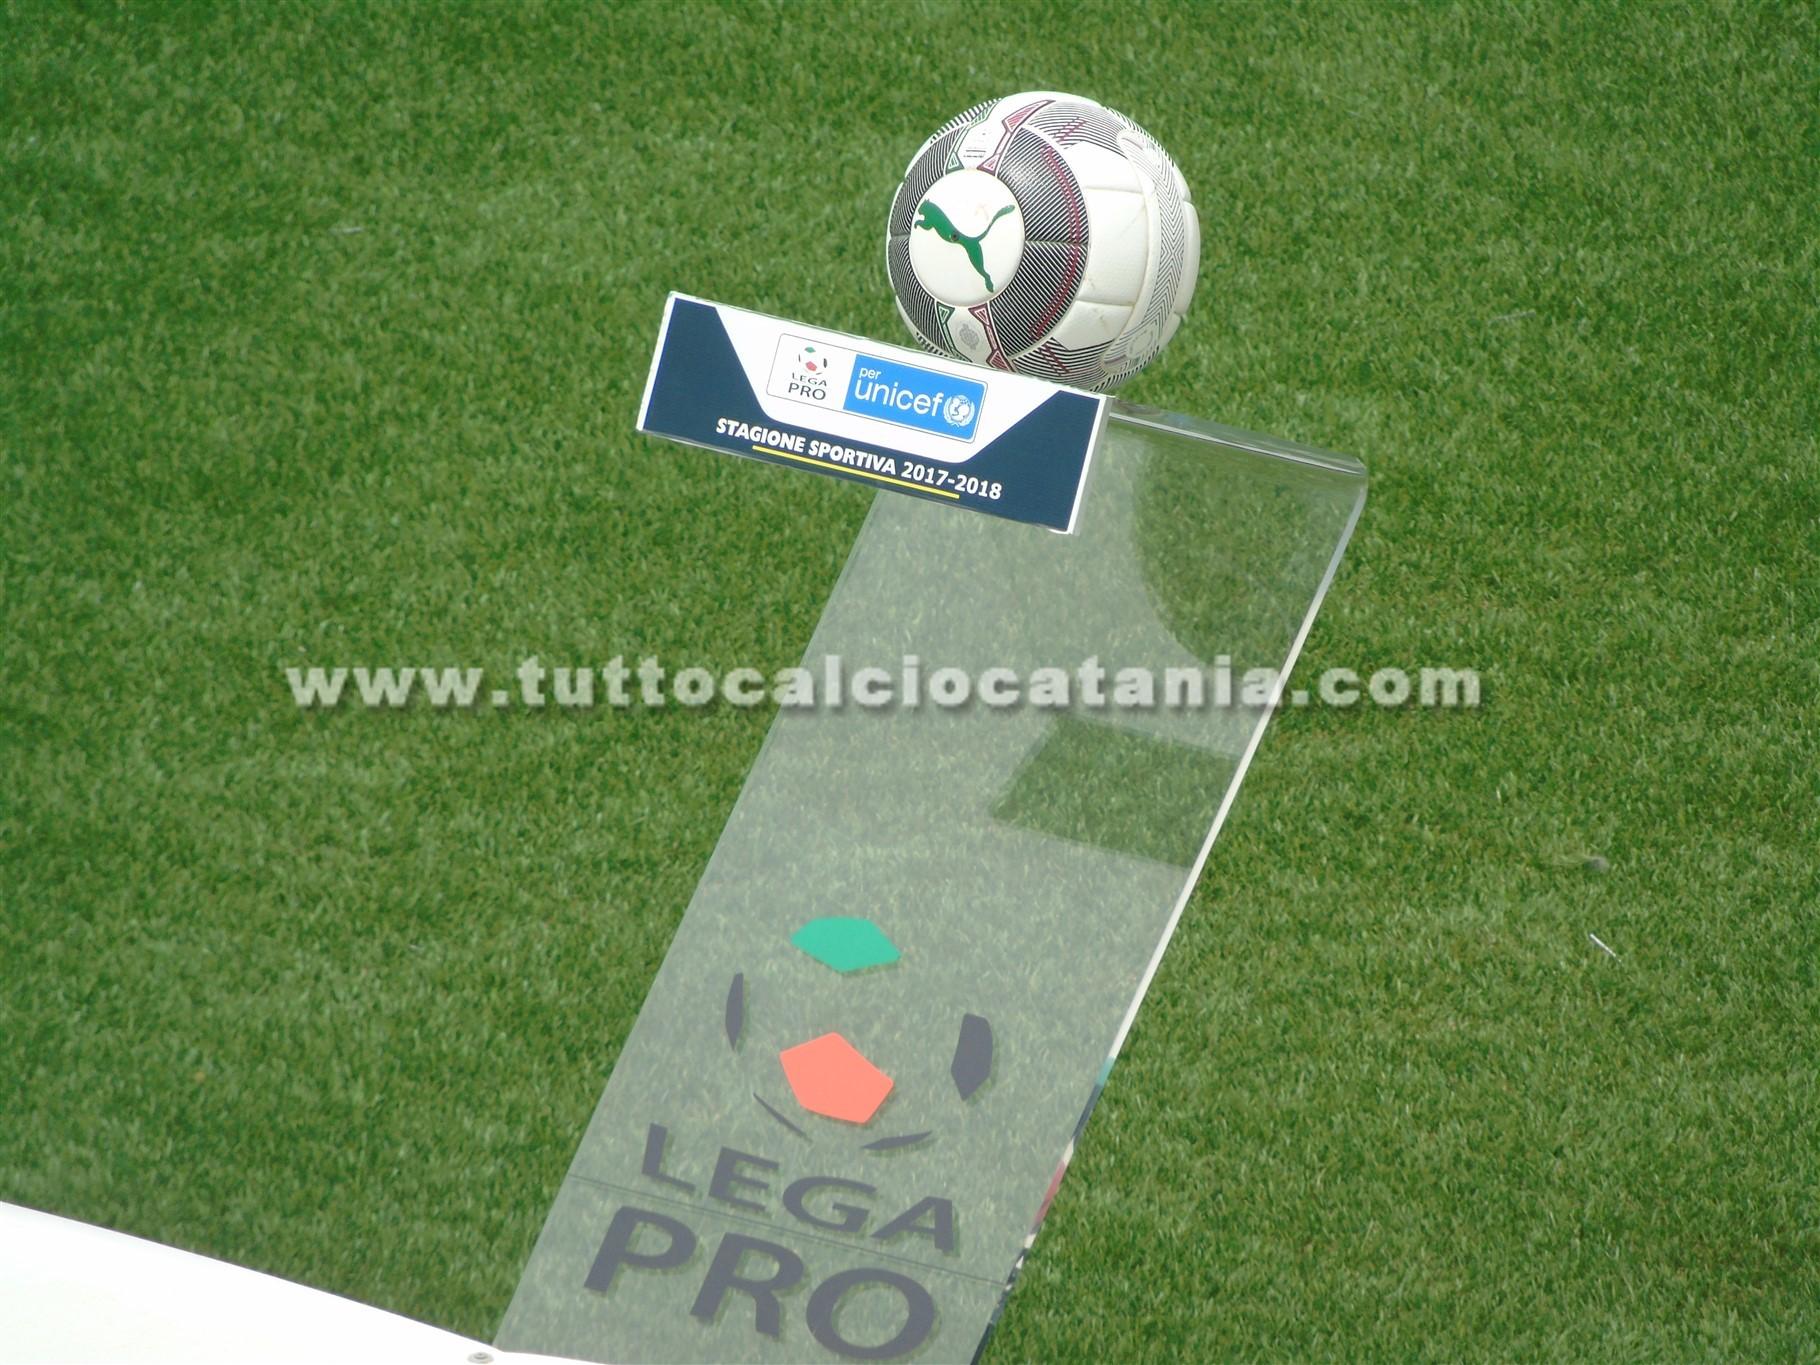 Serie C Catania Date Ed Orari Delle Partite Da Recuperare Tutto Calcio Catania